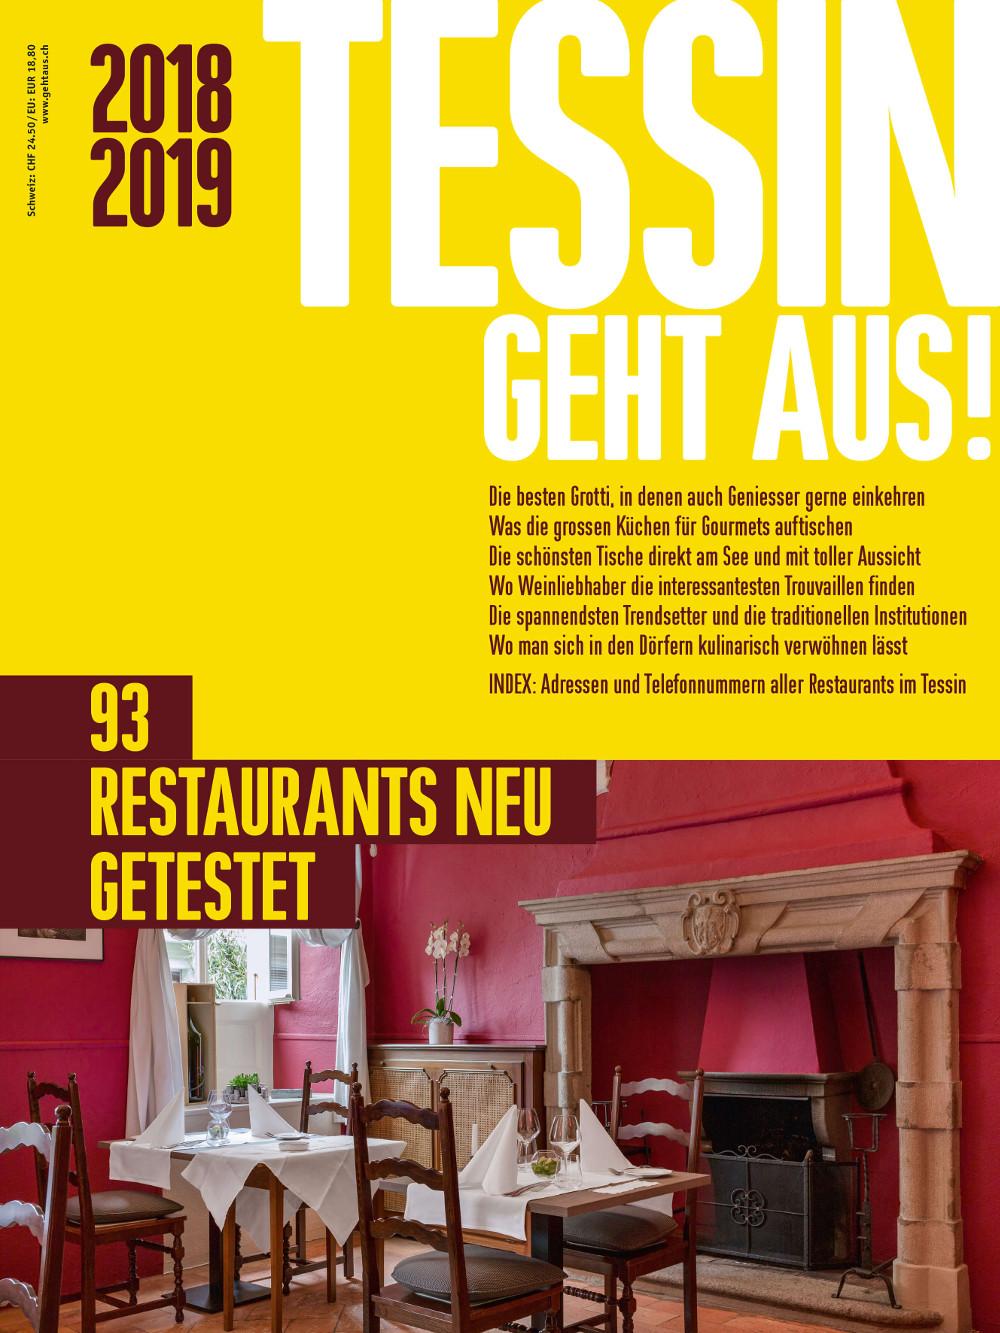 """Das neue """"TESSIN GEHT AUS!"""" (Bildquelle: TESSIN GEHT AUS)"""